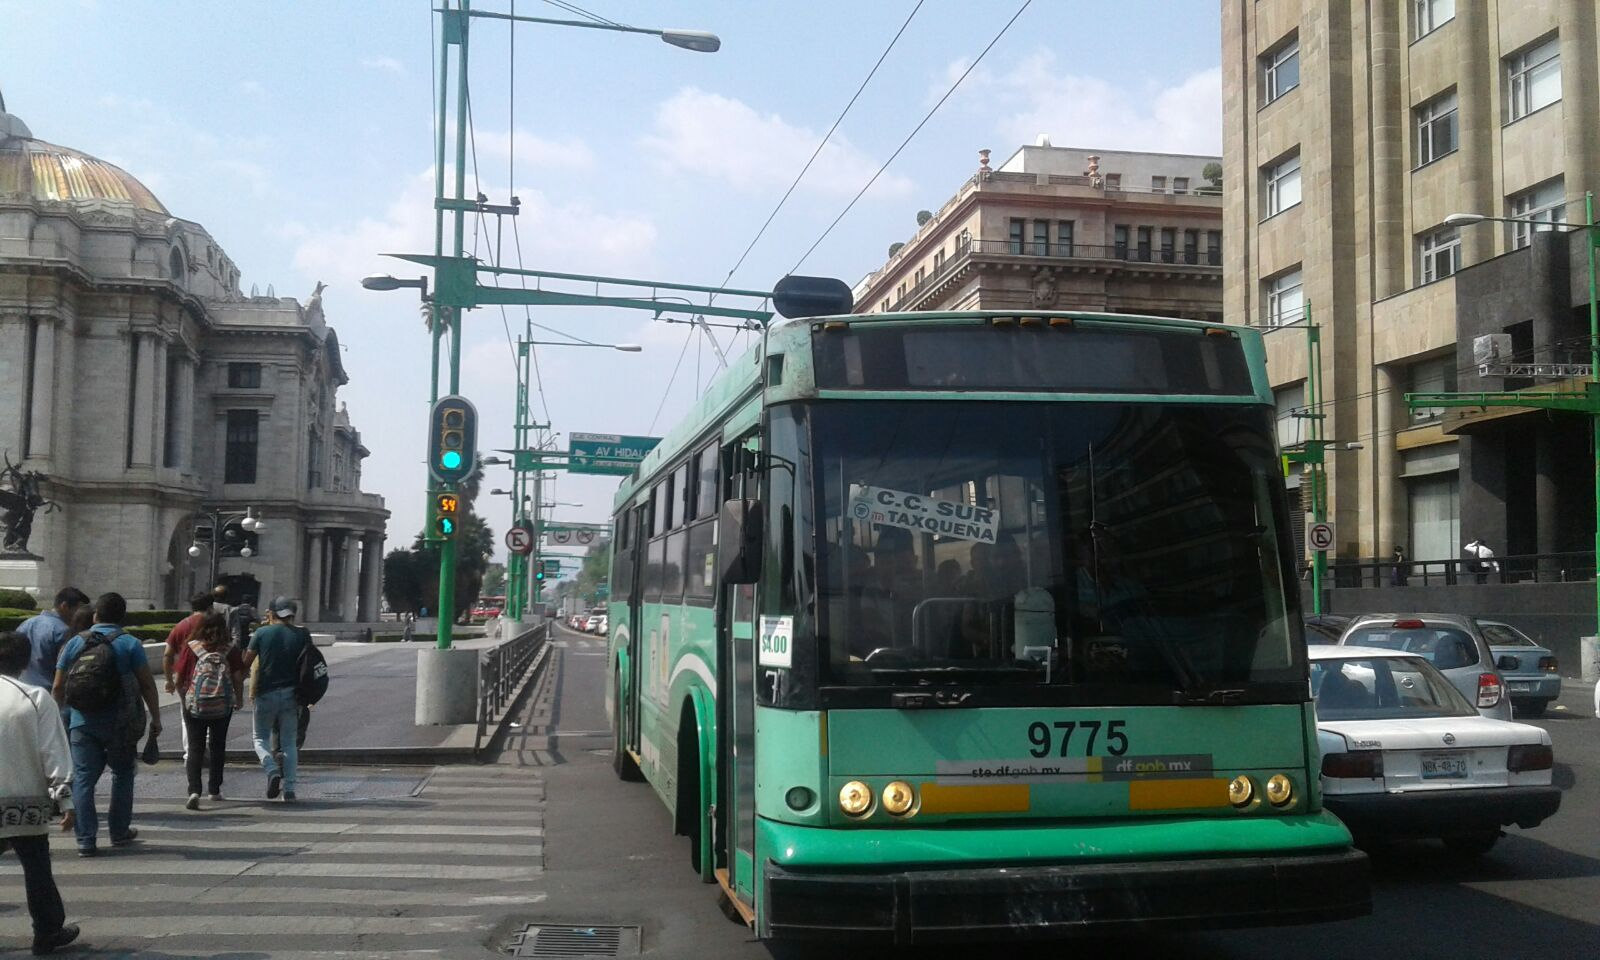 Trolejbusy na lince A v hlavním městě Mexika, jmenovitě na tříděEje Central Lázaro Cárdenas v blízkosti mrakodrapu Torre Latinoamericana a Palacio de Bellas Artes,na snímcích pořízených dne 12. 5. 2017. (foto: 4x Luis Herón Cordero Padrón)